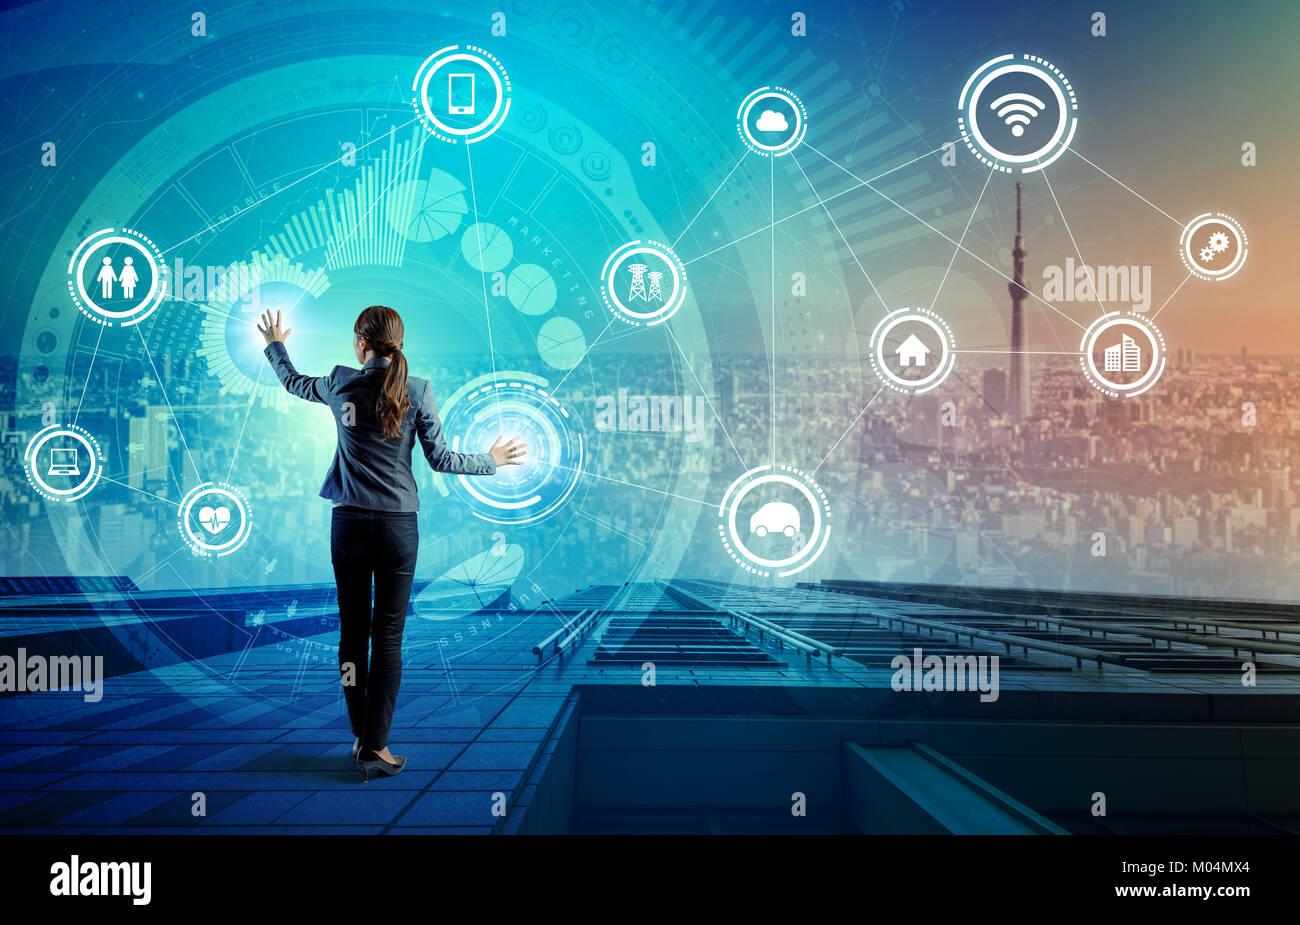 Internet de las cosas (IoT) concepto. Fintech(tecnología financiera). Las tecnologías de la información y la Comunicación (TIC). Smart City. Transporte Digital. mixtos m Foto de stock